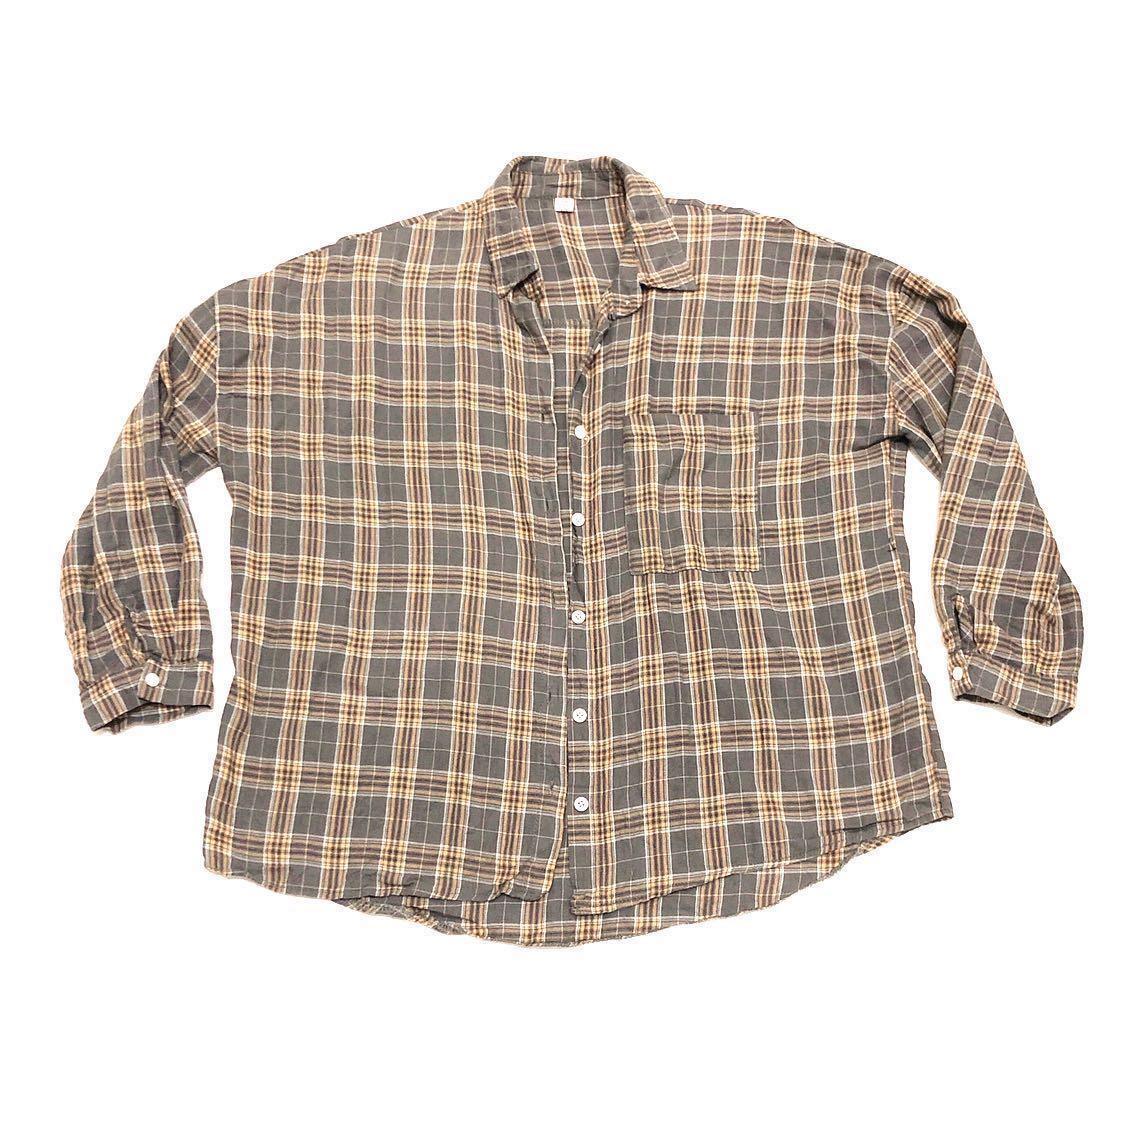 灰黃格子襯衫💕(點開有更多圖)